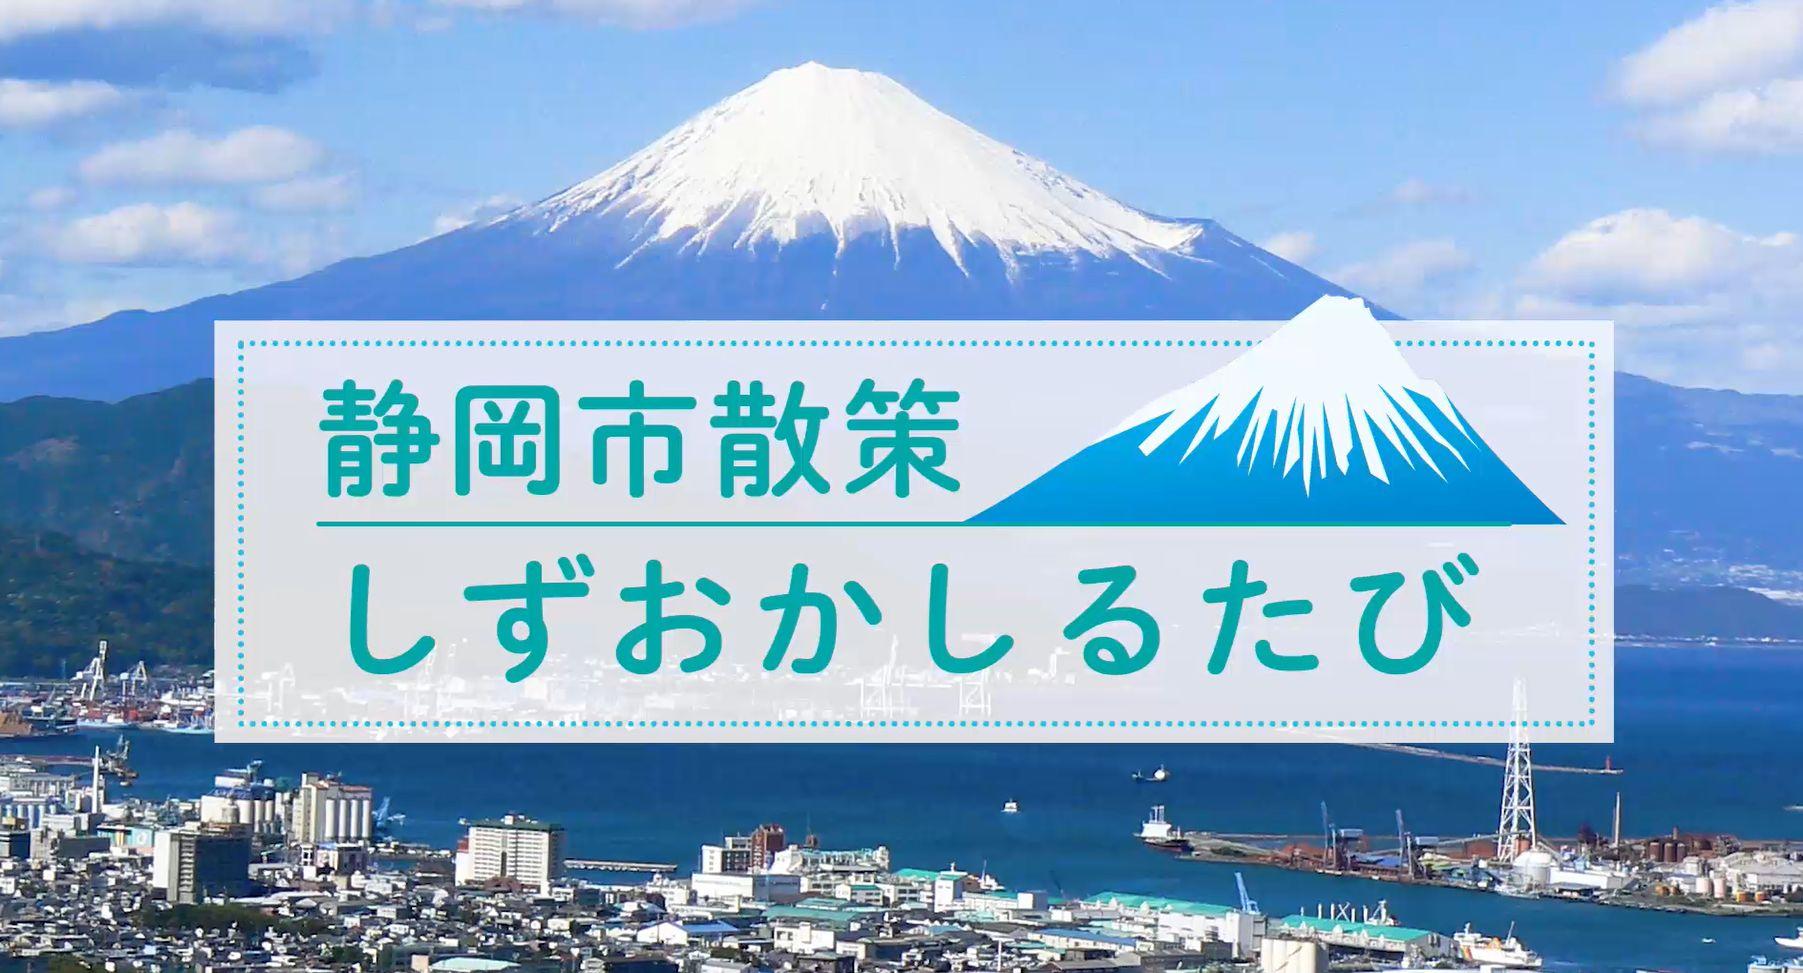 静岡市の美食や名所の魅力発信 「しずおかしるたび」動画を公開